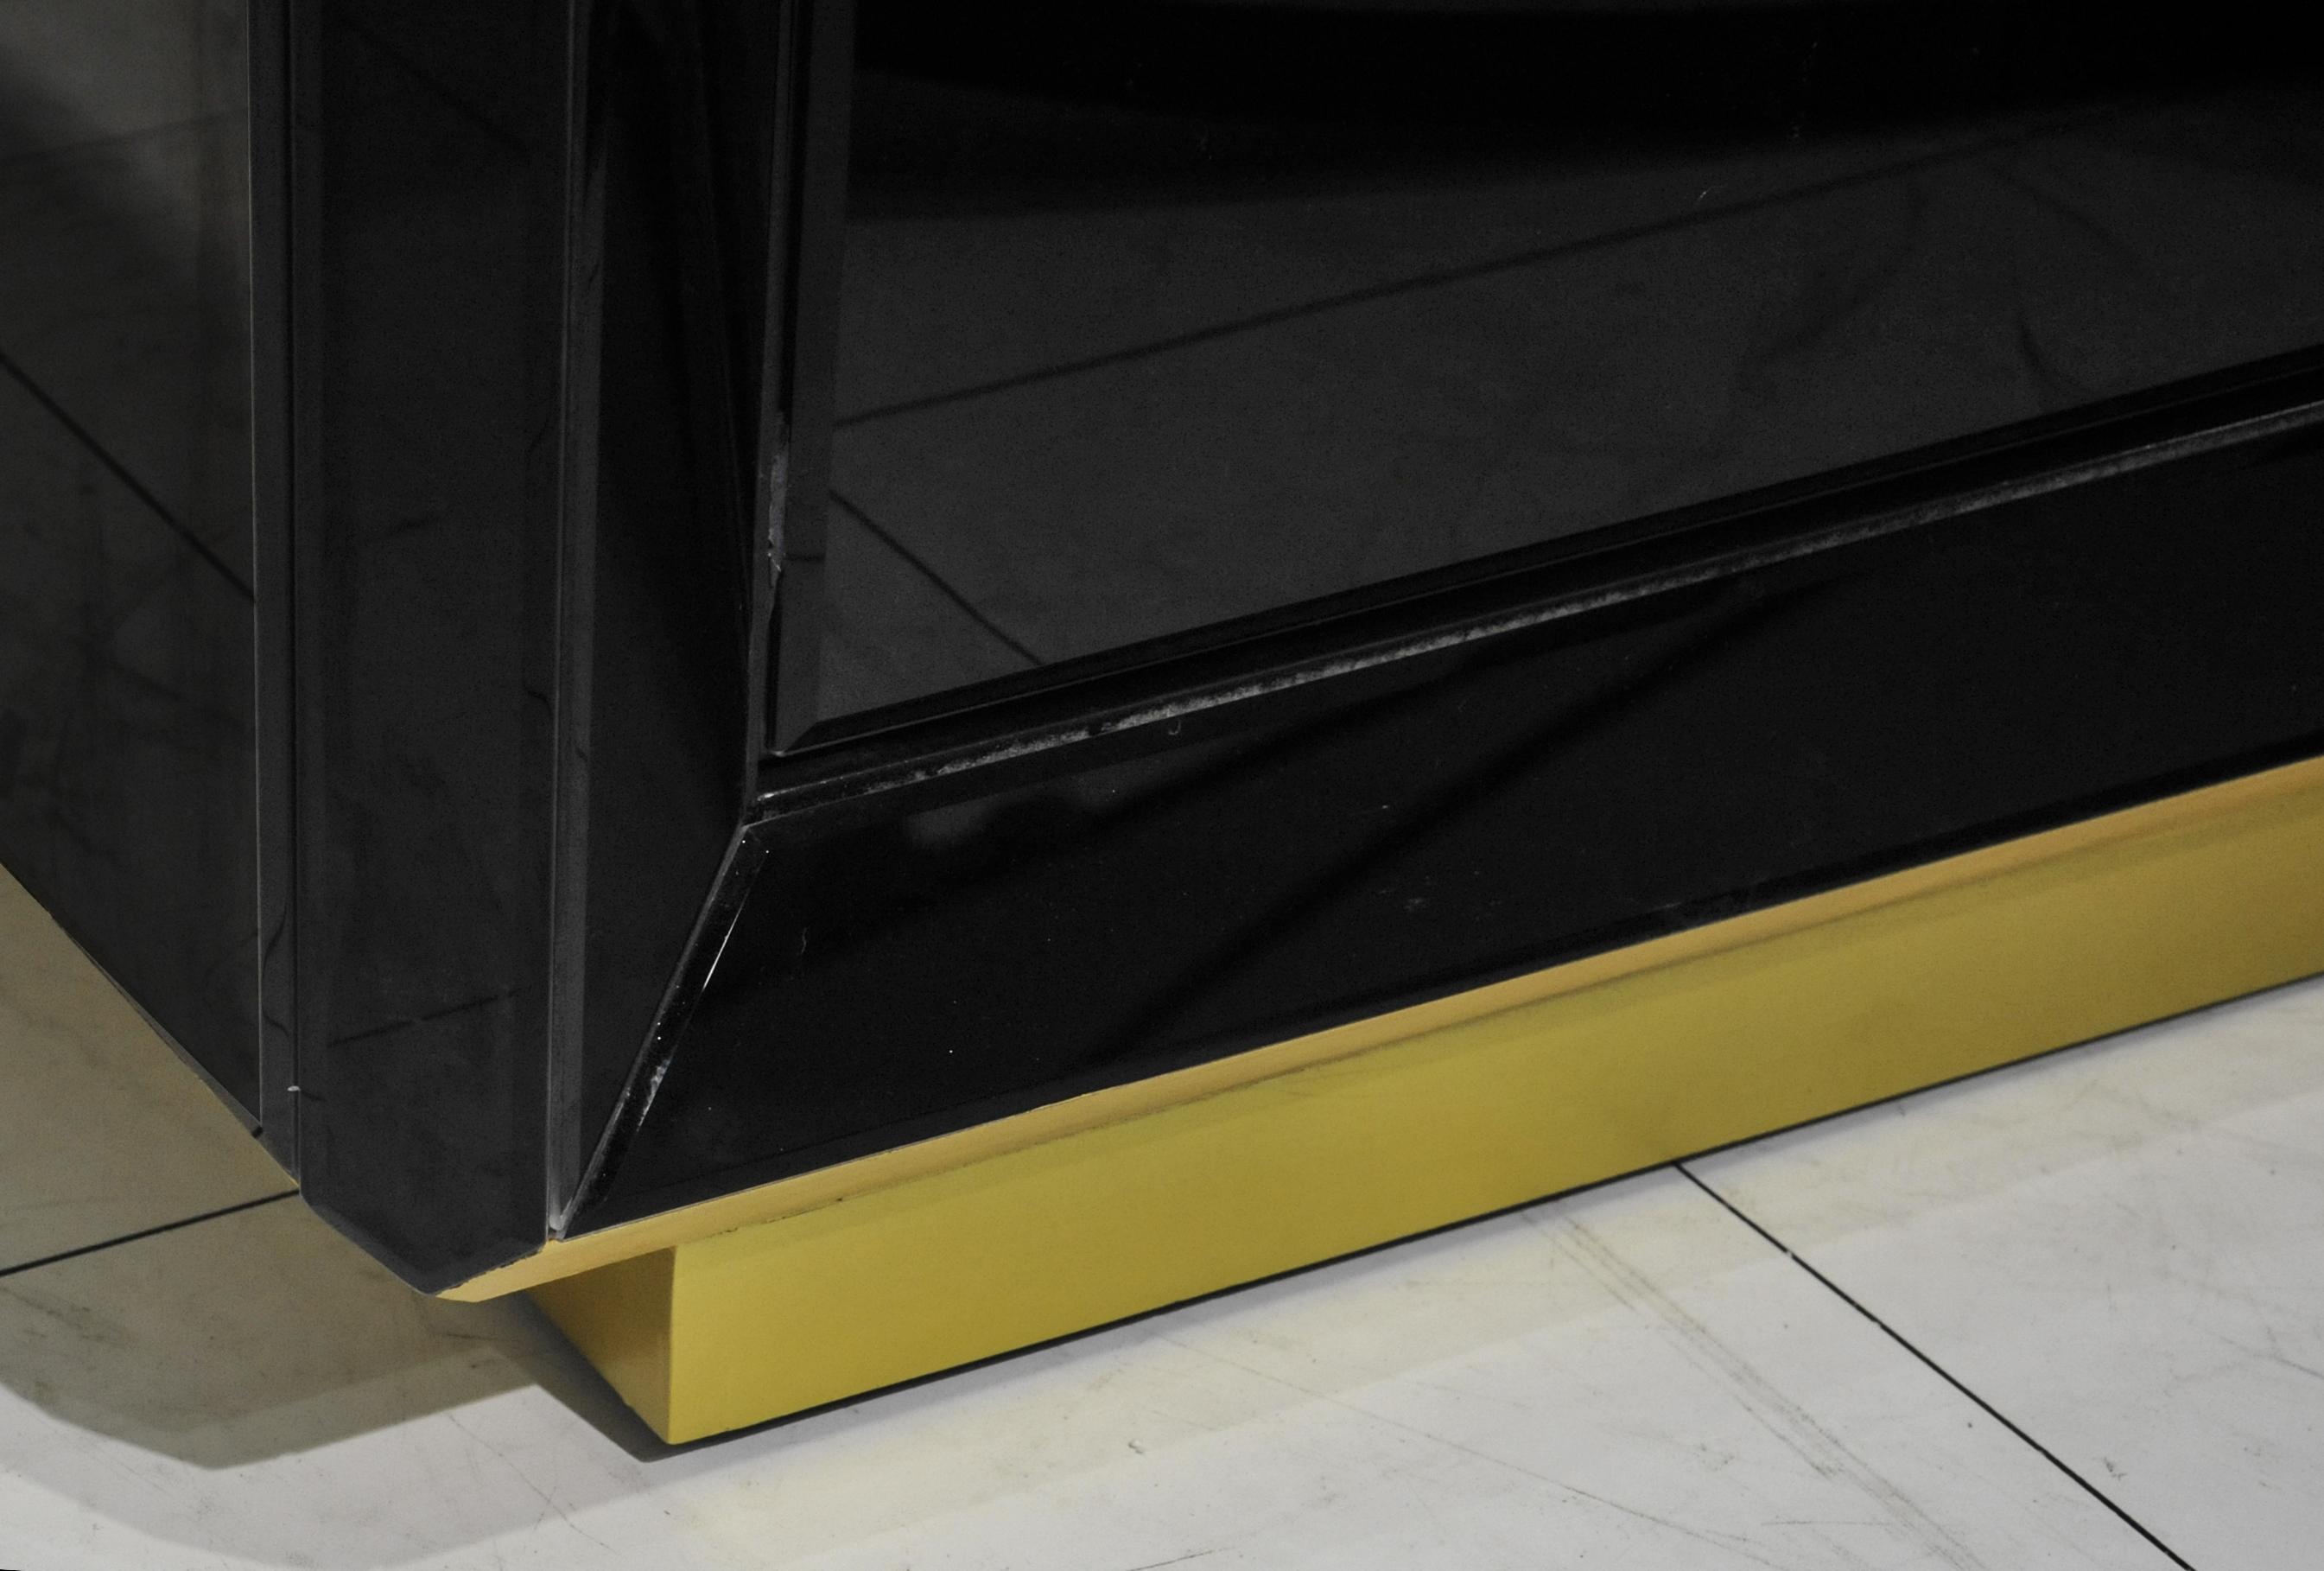 GuanYe, деревянный корпус, черная краска, масляное зеркало, сервант, дверь шкафа с магнитным сенсорным сервантом